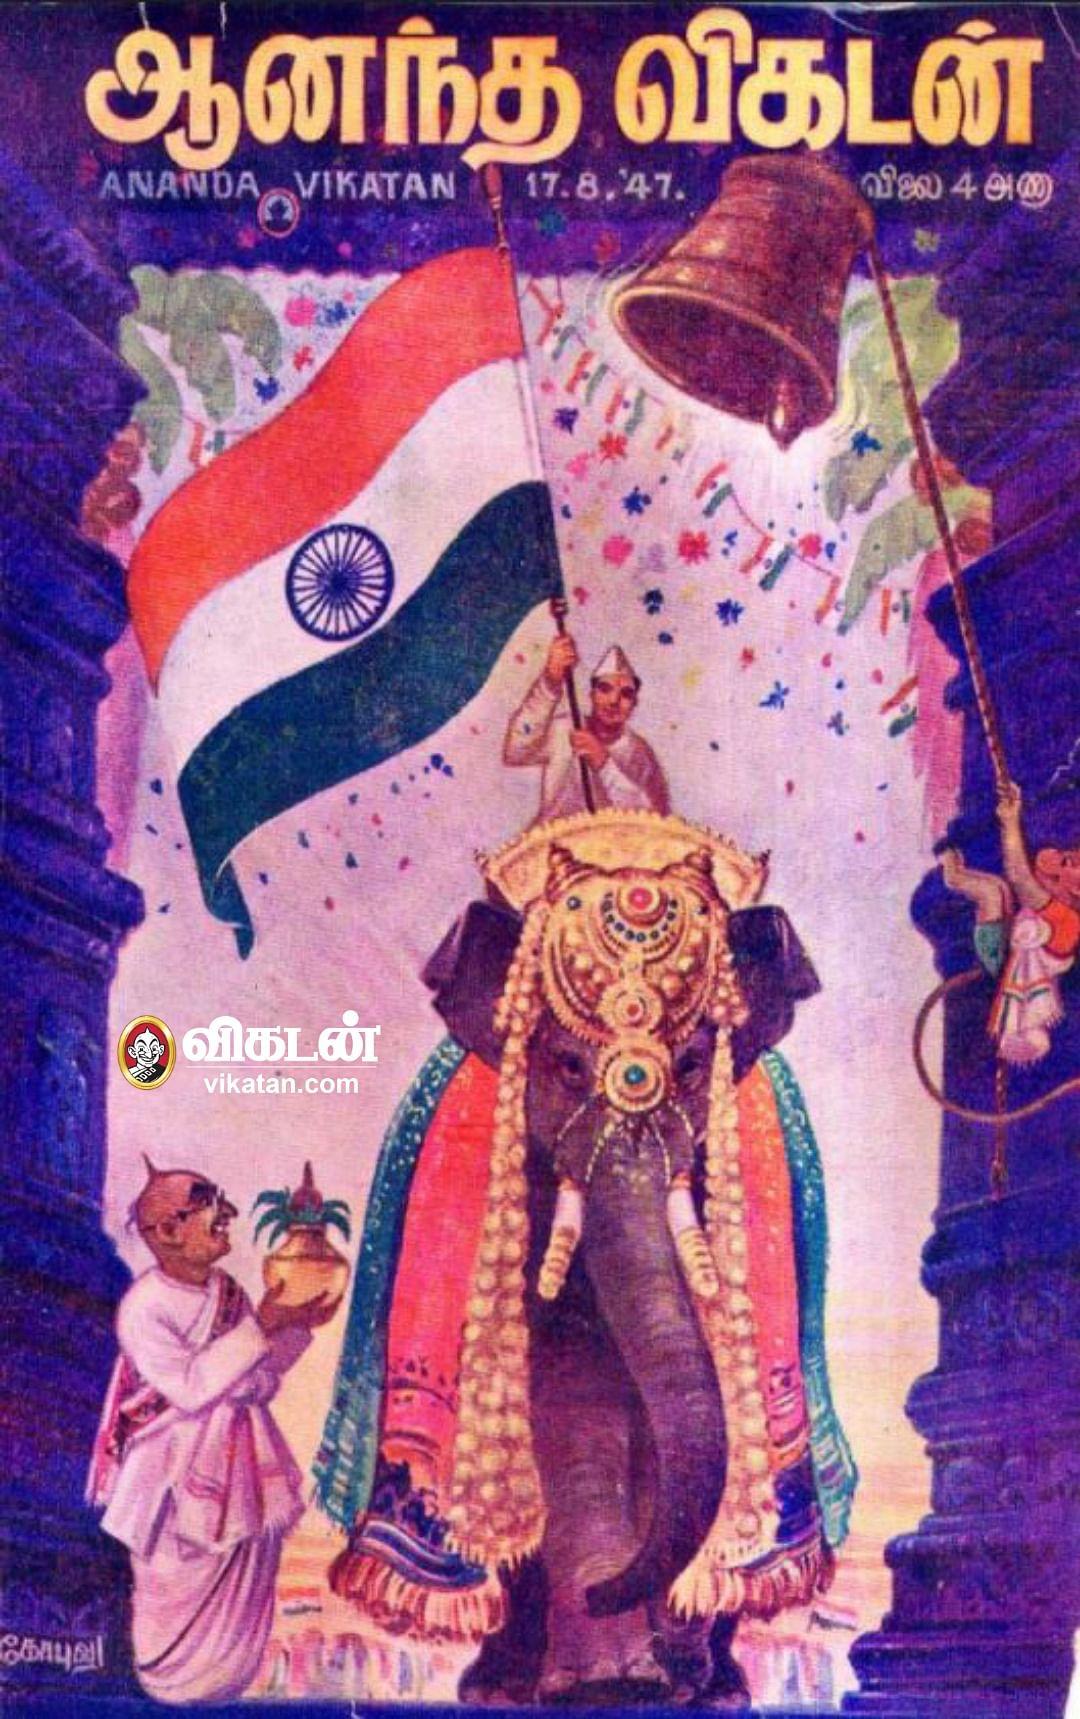 Ananda Vikatan Cover Page - 1947